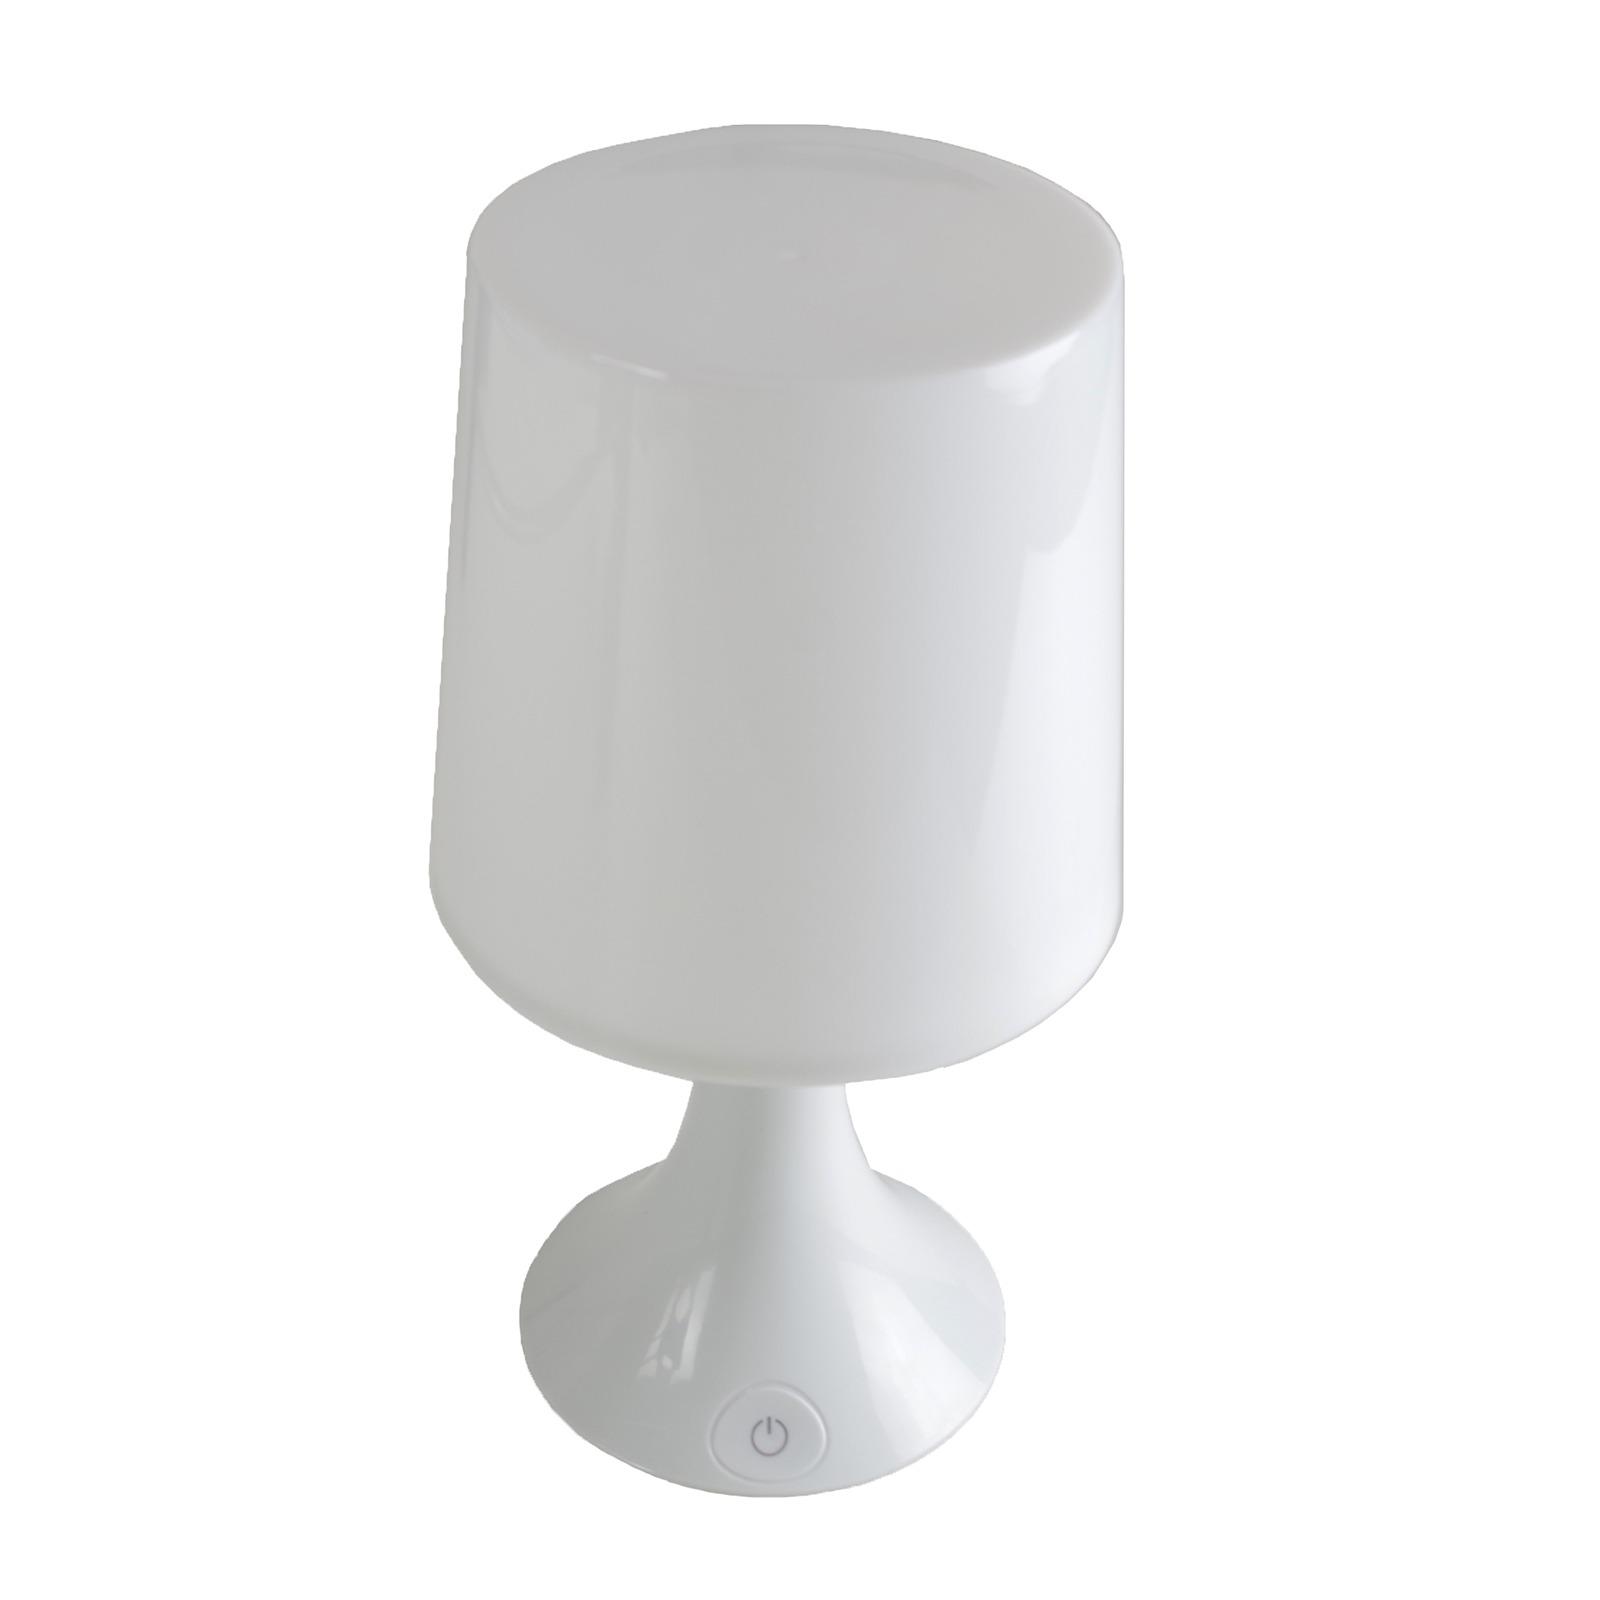 schreibtischlampe bunt 4led led licht lampe usb batterie. Black Bedroom Furniture Sets. Home Design Ideas